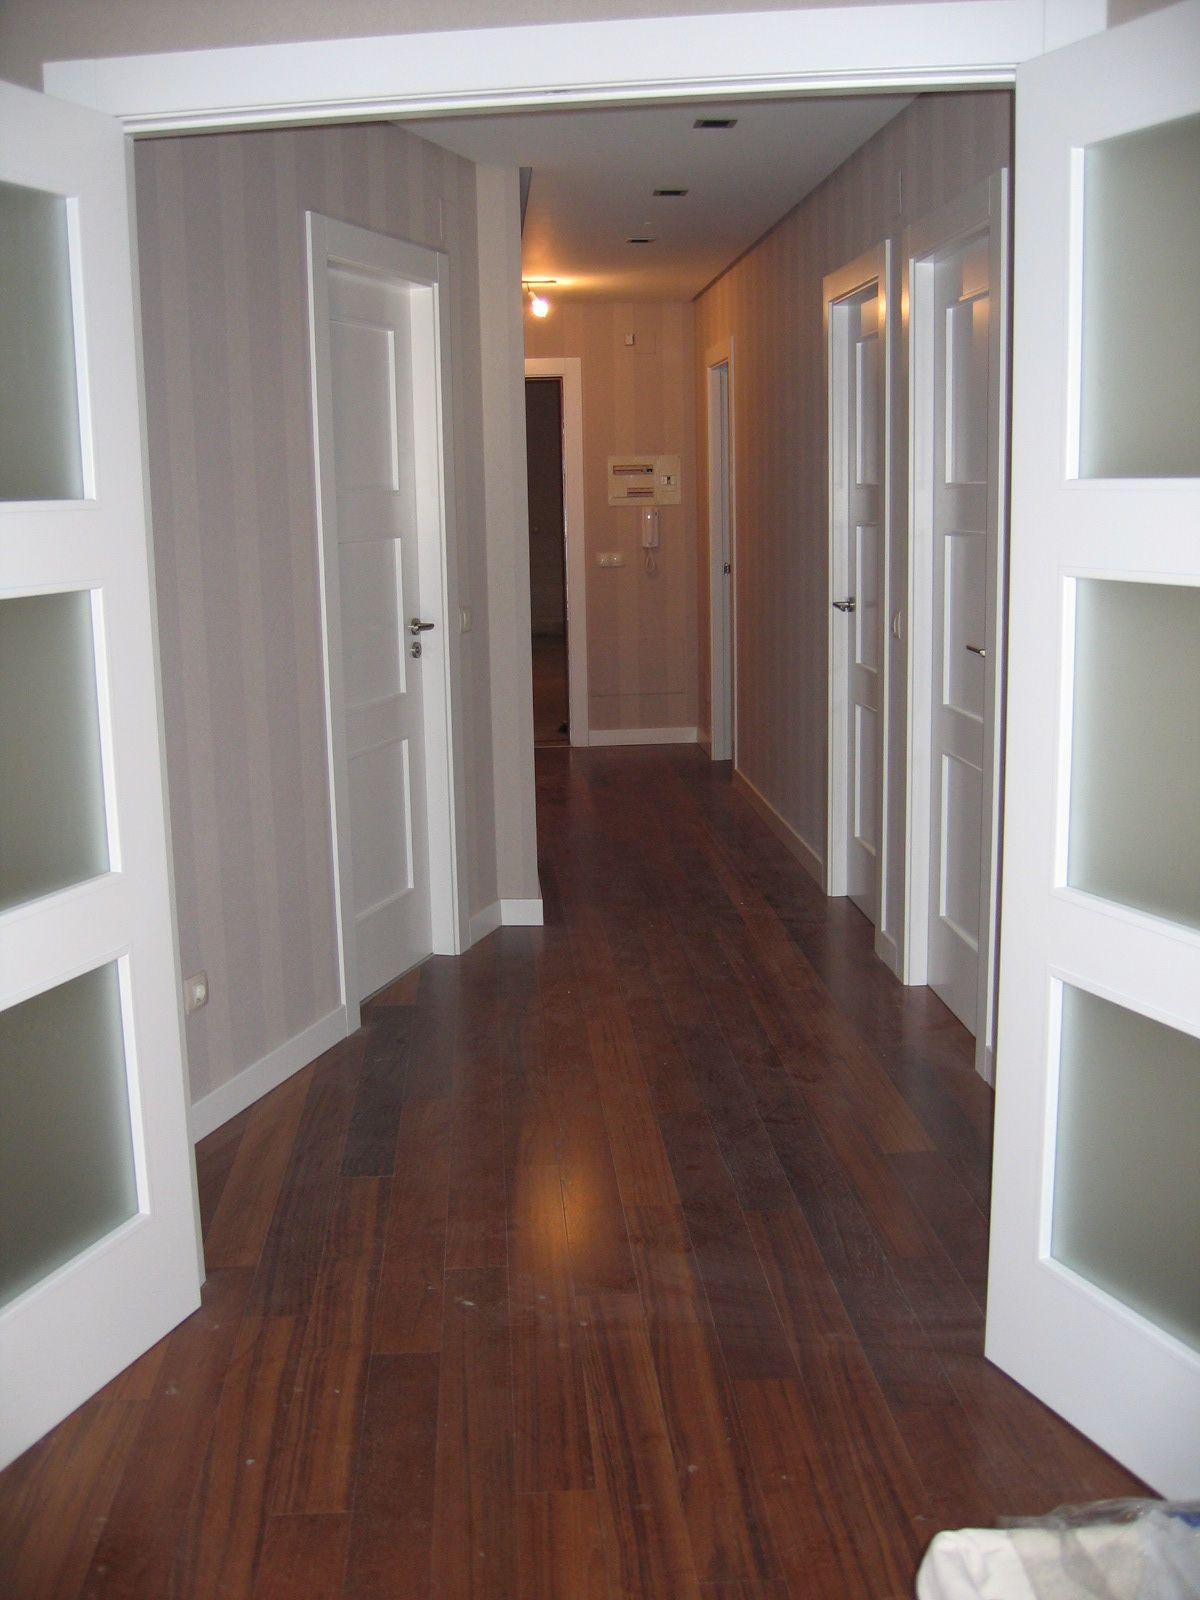 Pavimento de nogal con puertas lacadas el lujo en su - Suelo madera interior ...